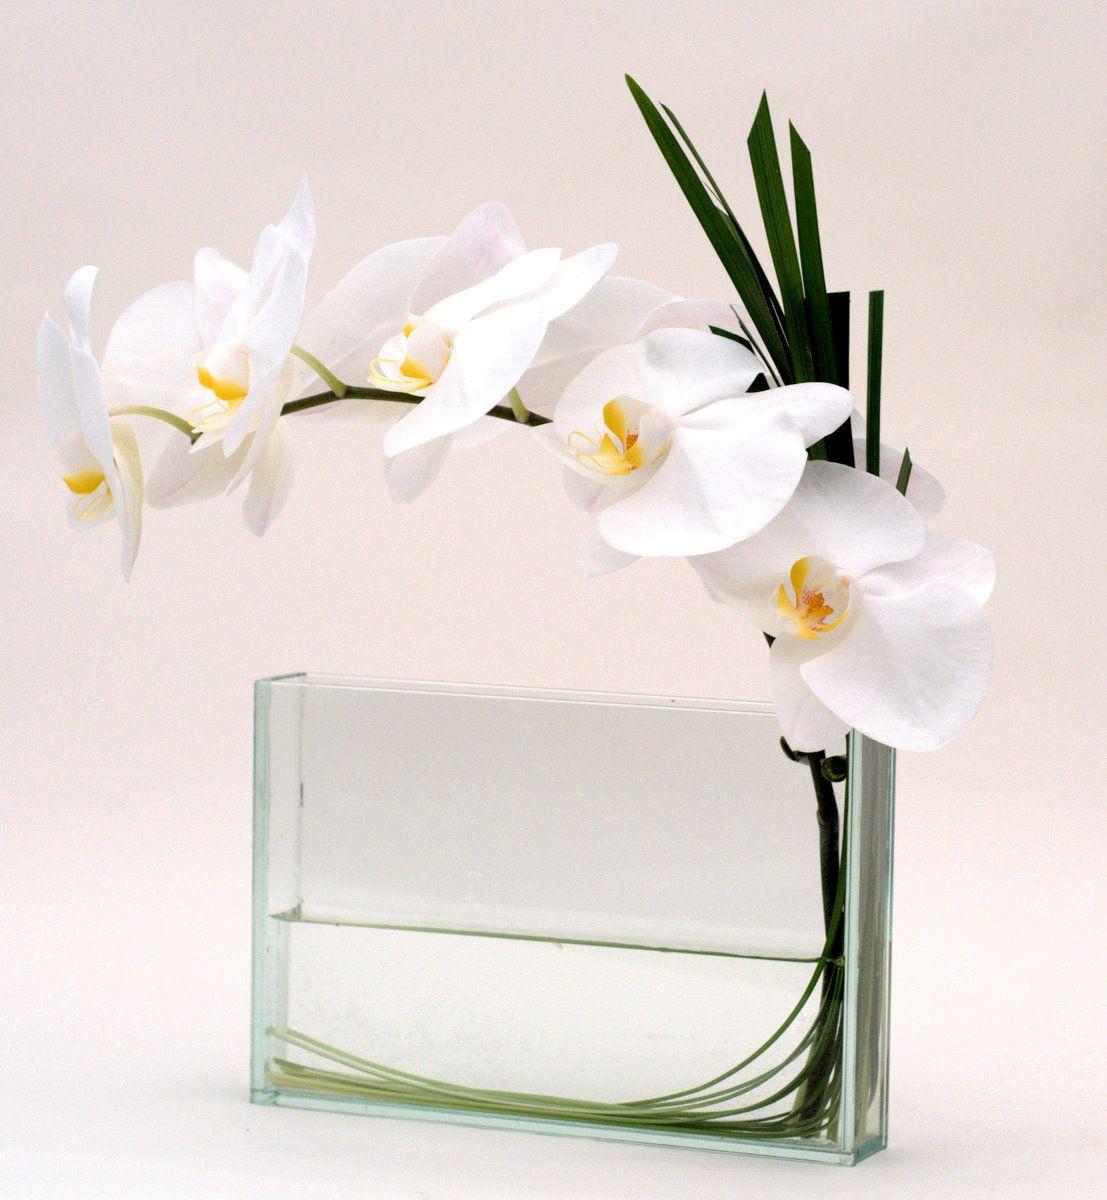 Tige D Orchidees Avec Tiges De Bergras Dans Vase Transparent Orchid Arrangements Flower Arrangements Modern Flower Arrangements